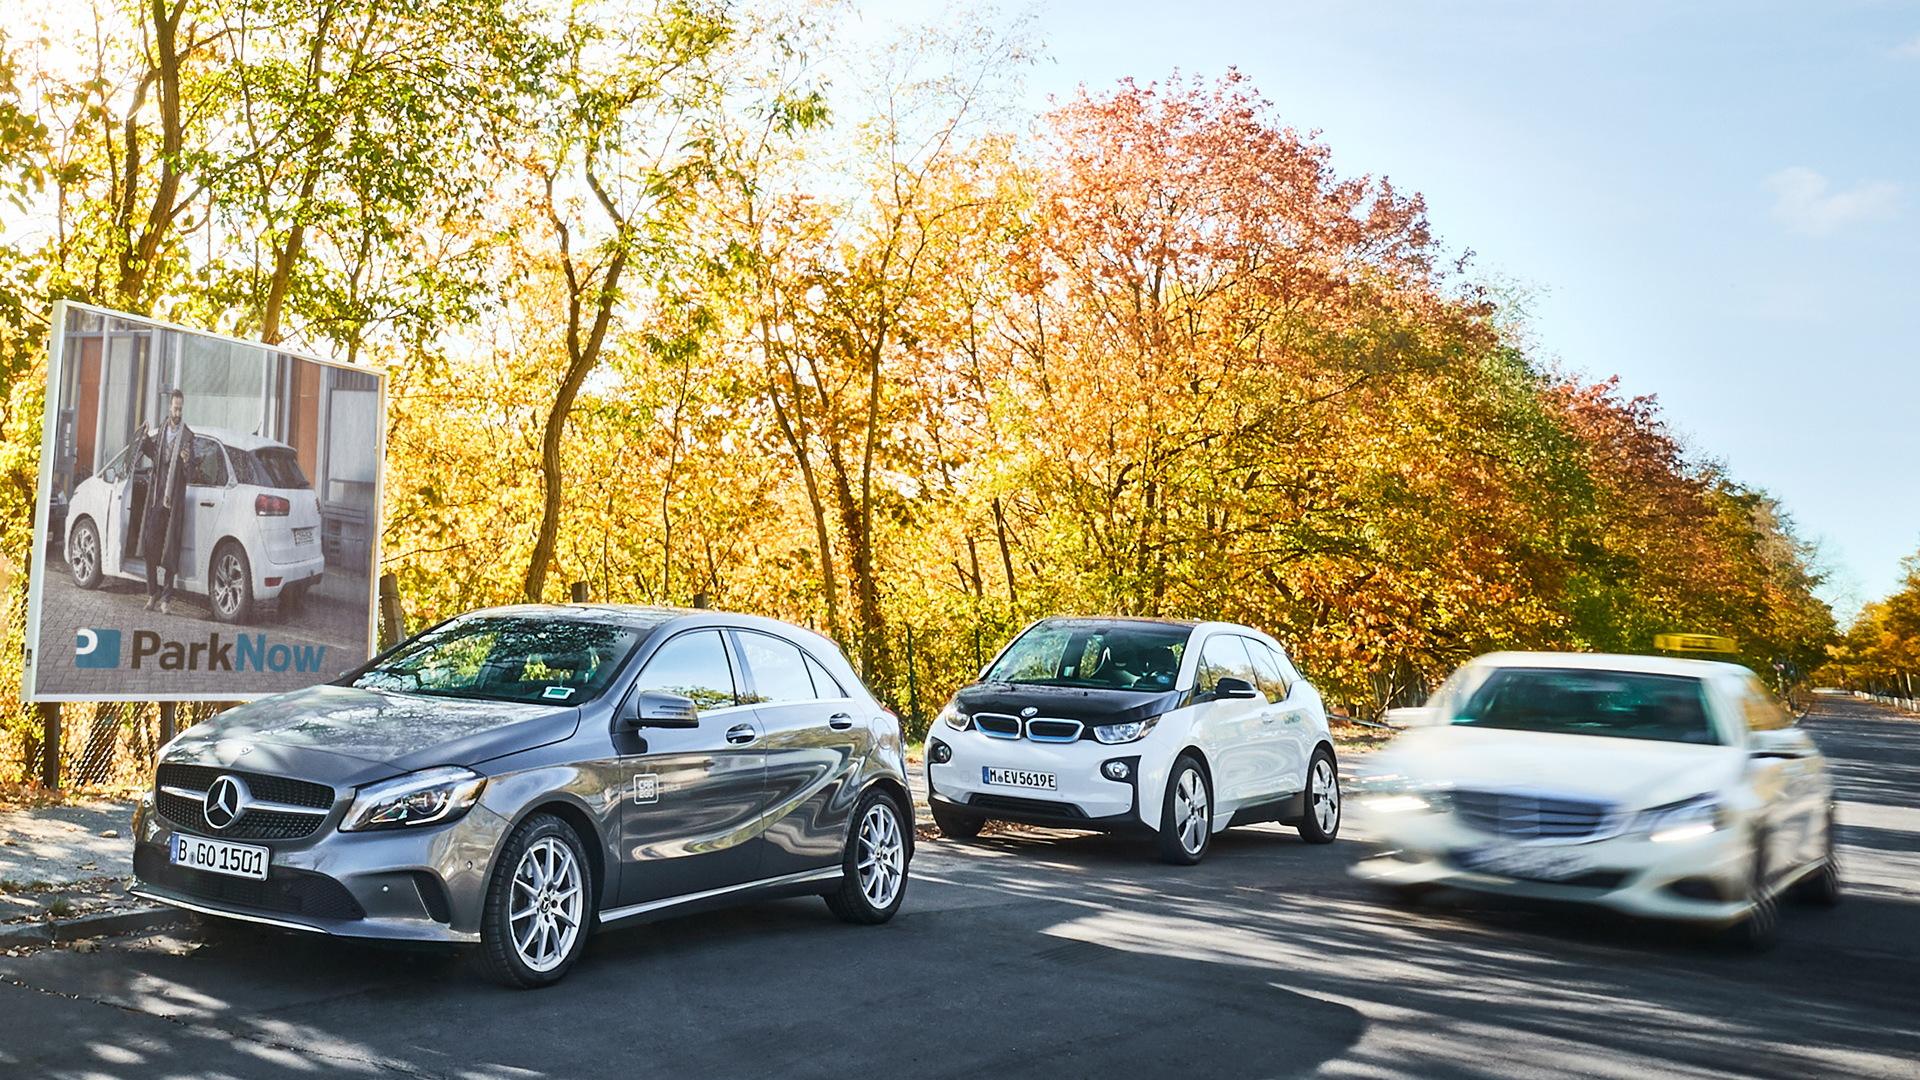 2018 Mercedes-Benz A-Class hatchback and 2018 BMW i3